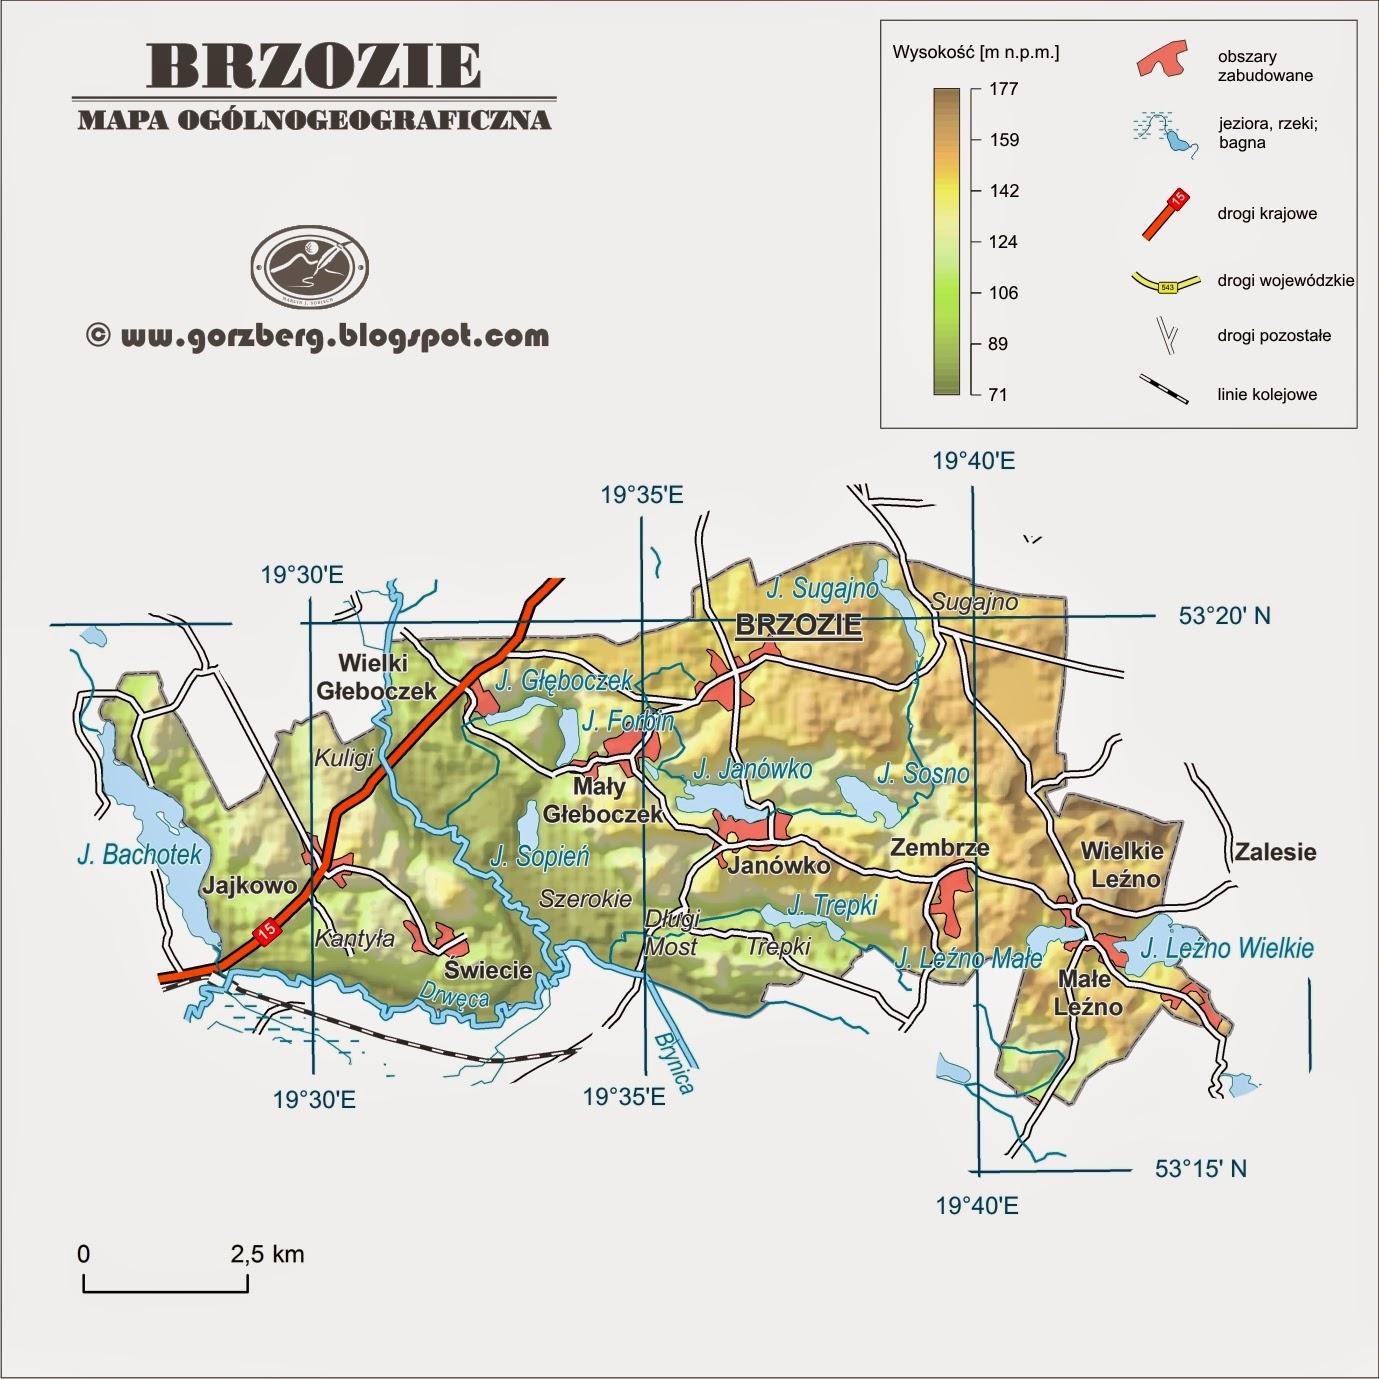 Mapa ogólnogeograficzna gminy Brzozie